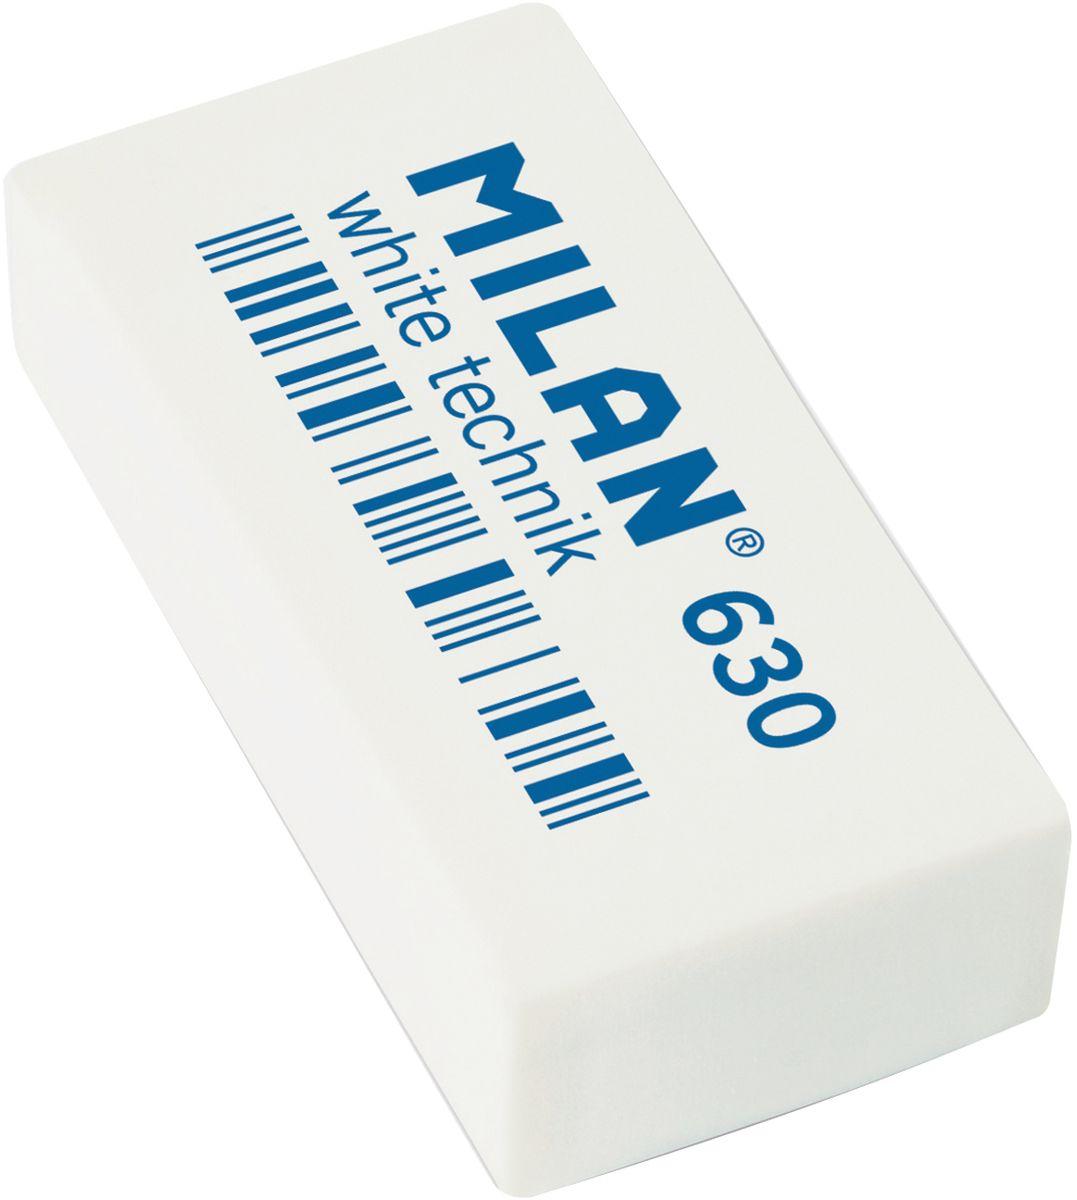 Milan Ластик White Technic 630 прямоугольный72523WDЛастик Milan White Technic 630 - это прекрасный синтетический ластик для цветных и чернографитных карандашей.